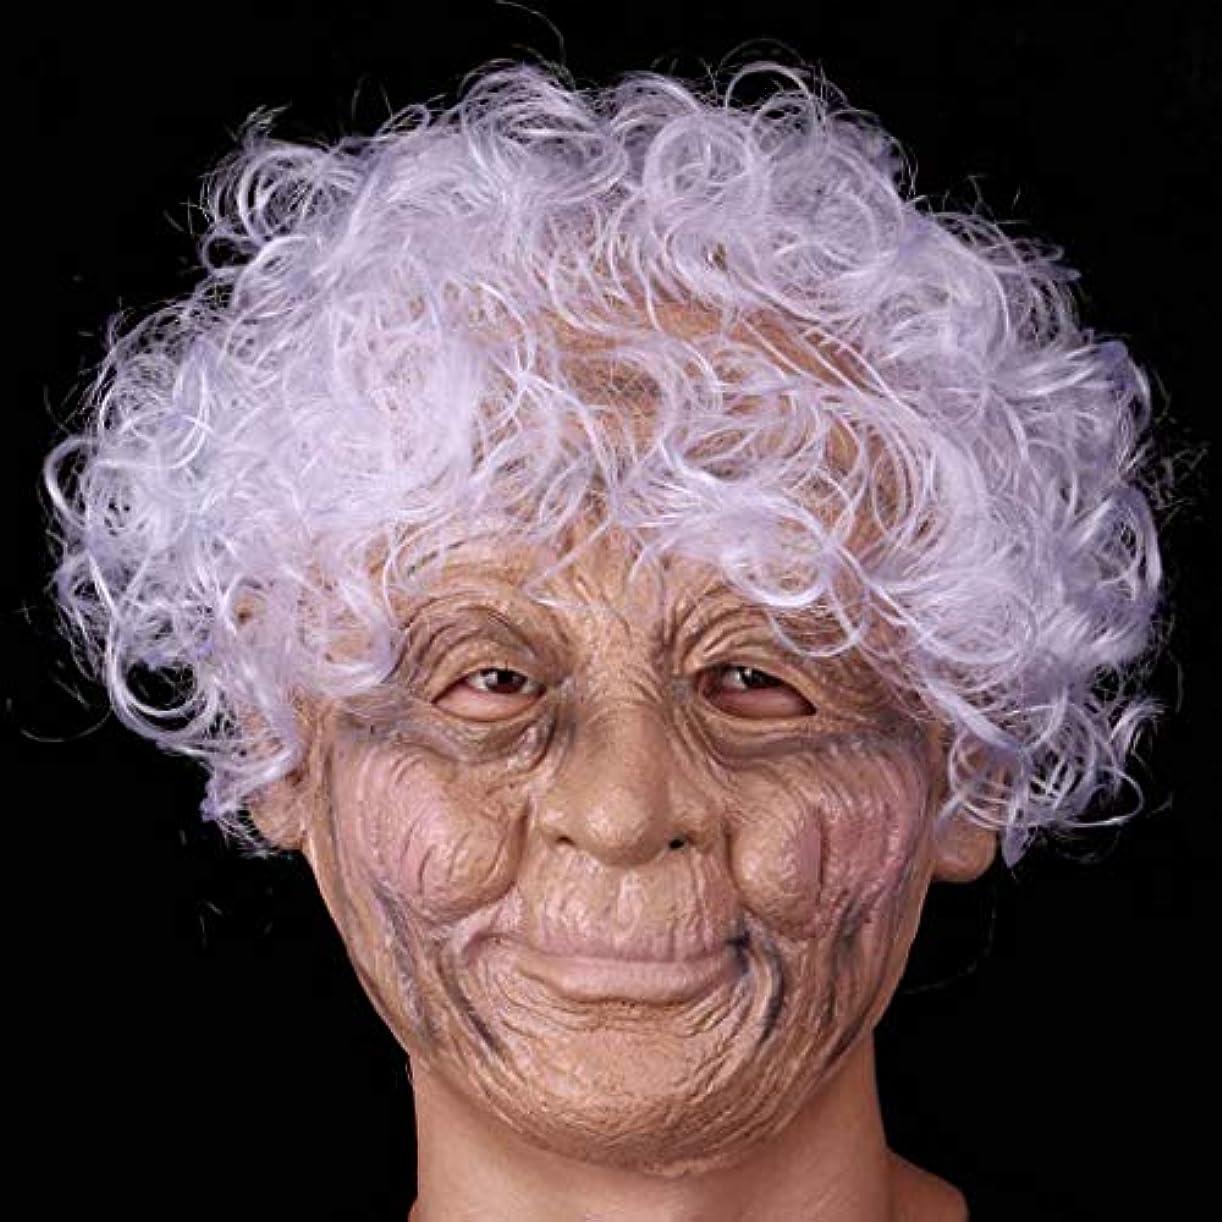 砂のトレイル郵便物ハロウィンラテックスフルフェイスマスクしわ魔女マスクおばあちゃんと白髪衣装プロップパーティーコスプレ